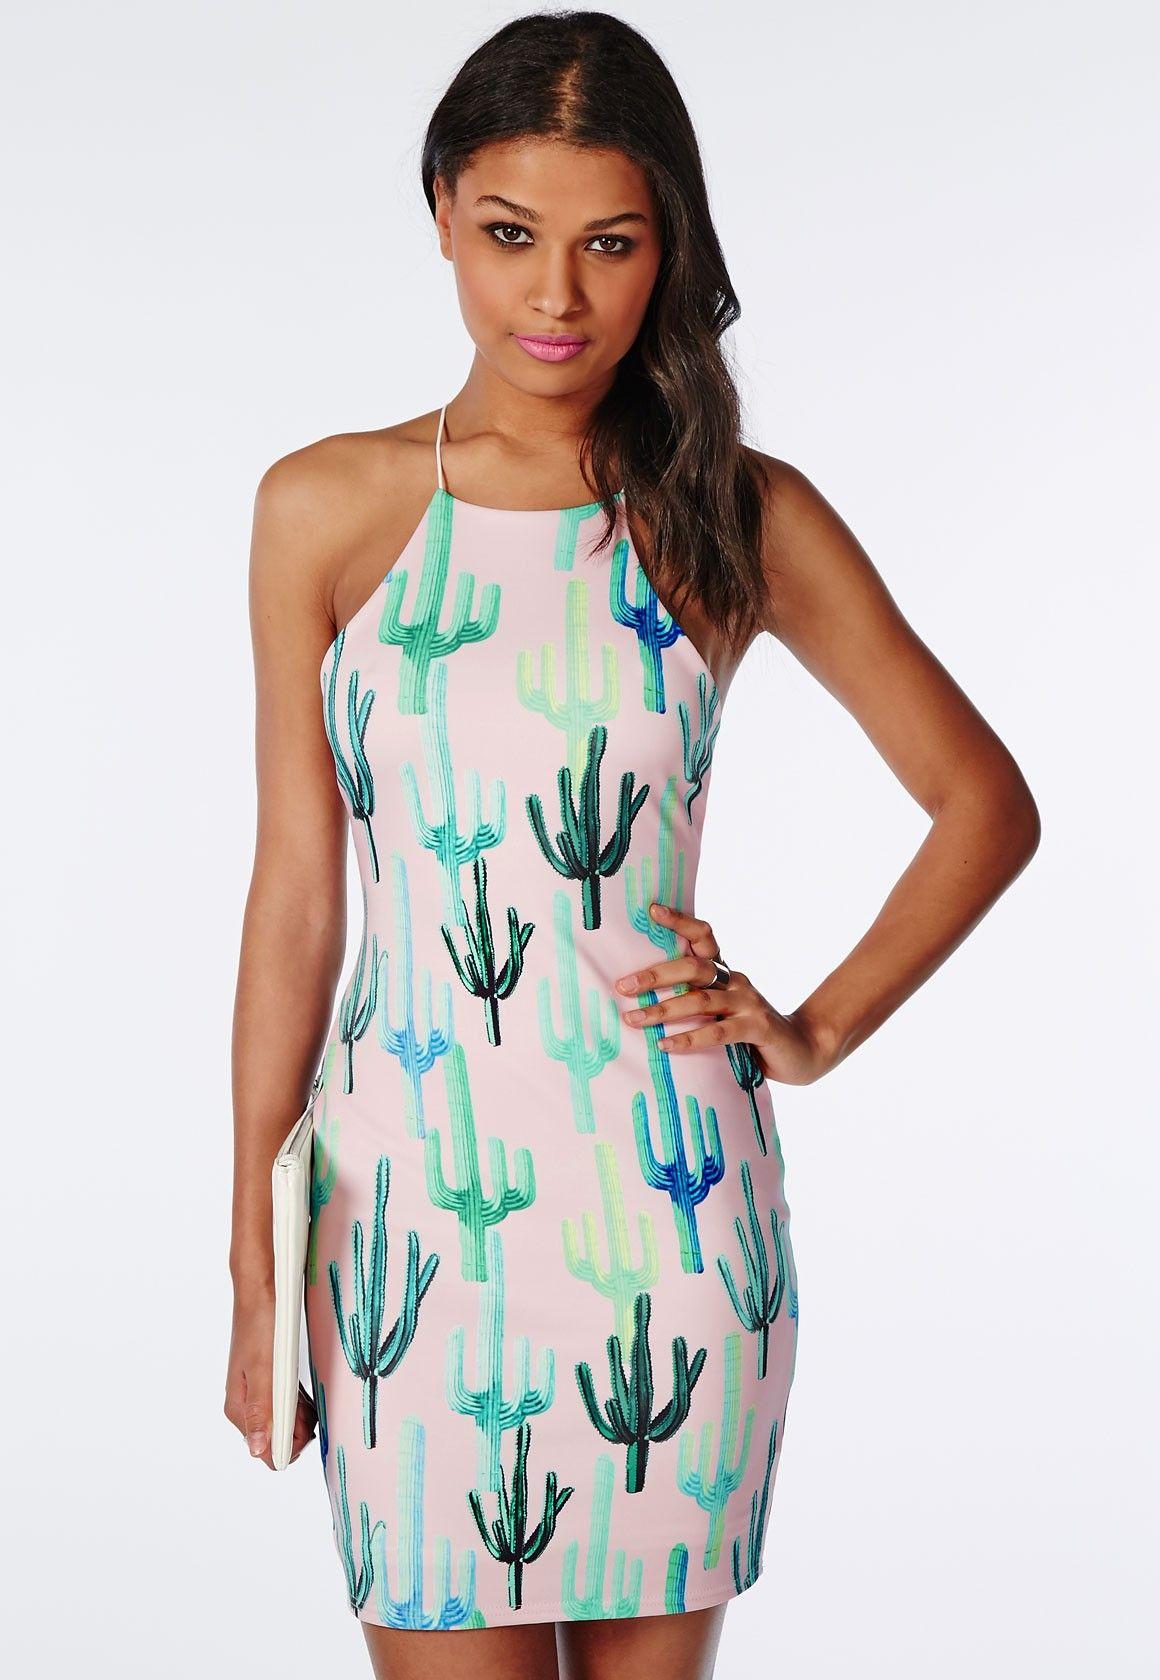 Dresses Online- Women's Online Dress Shop USA